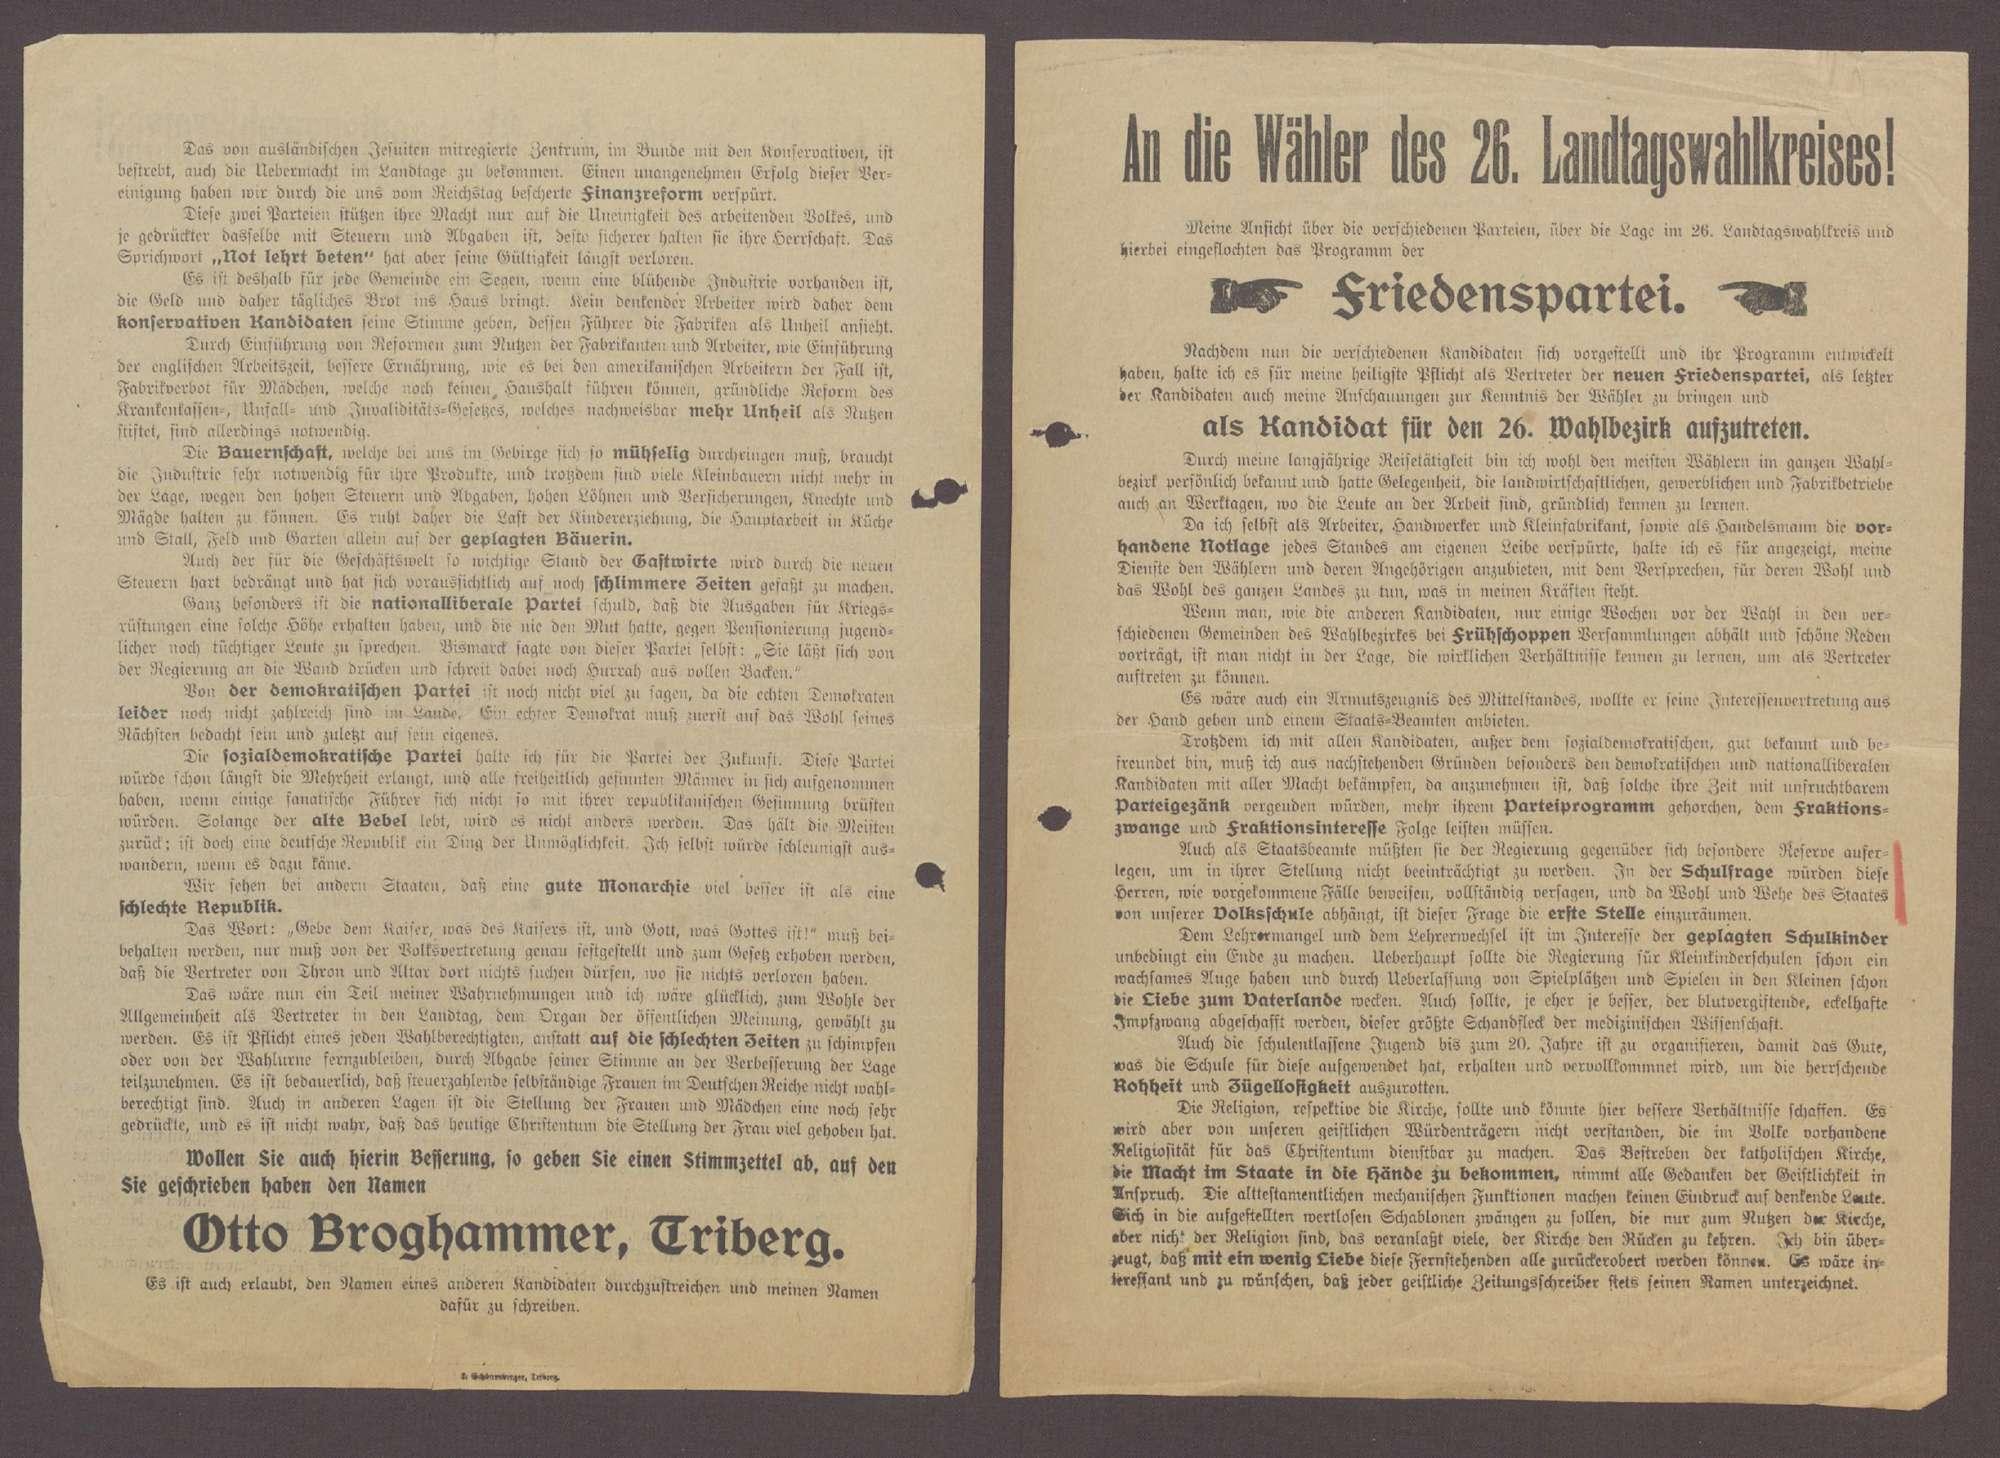 """Flugblatt: """"An die Wähler des 26. Landtagswahlkreises...Otto Broghammer"""", Friedenspartei, Schönnenberger, Triberg, Bild 2"""